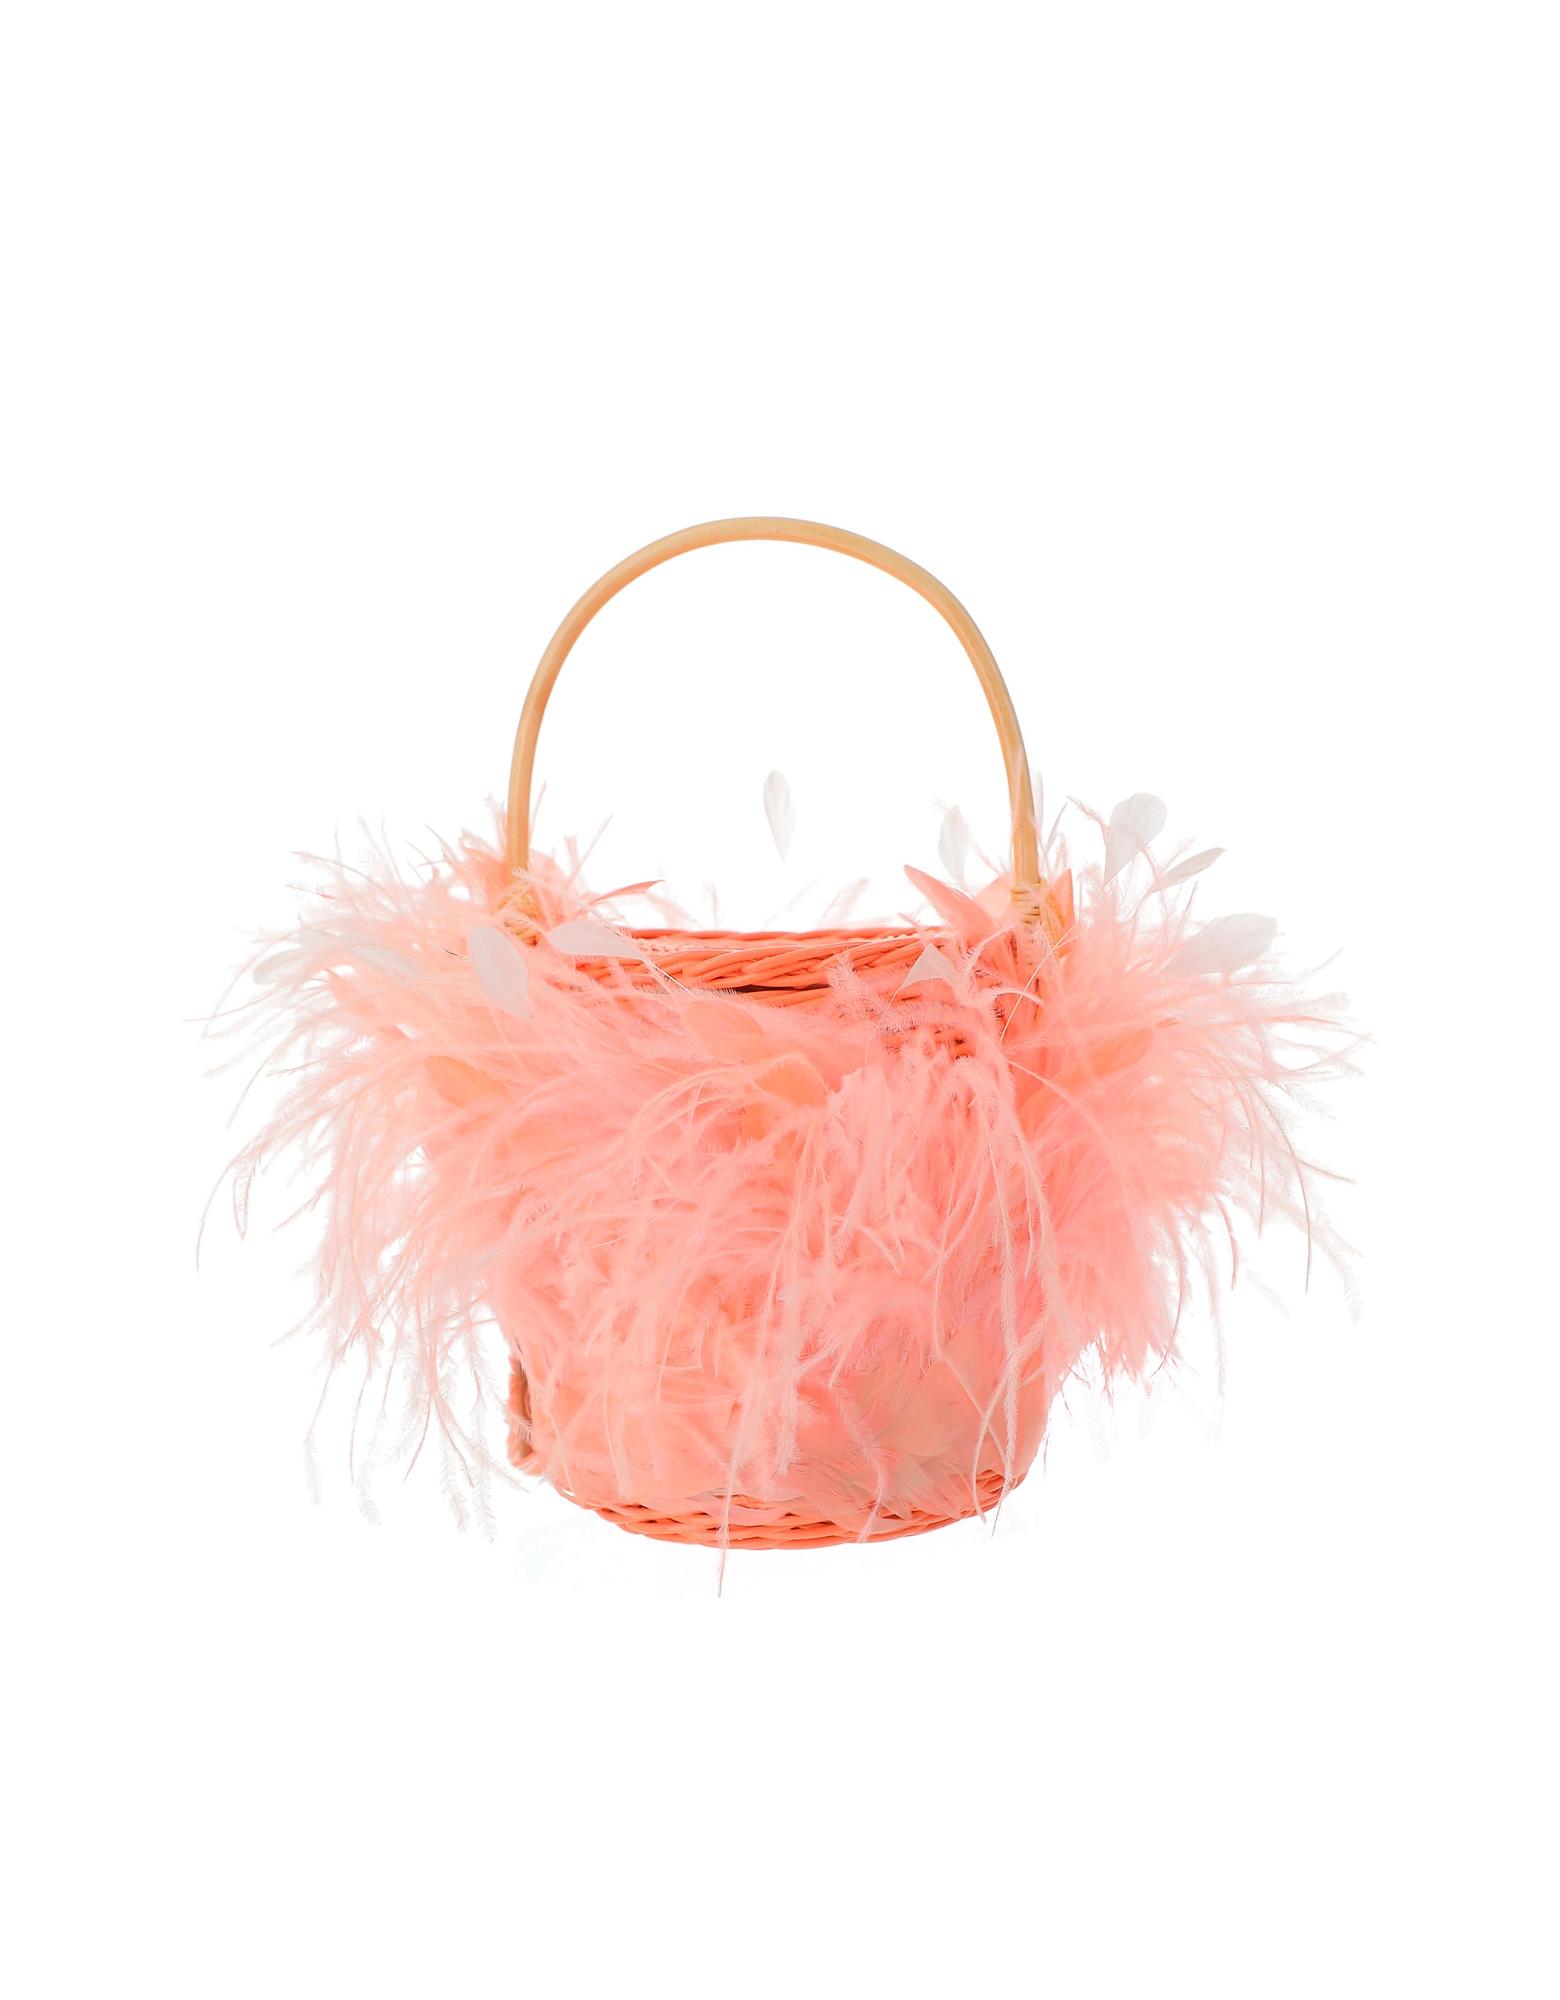 Gatti Designer Handbags, Indian Rose Tweety Bag